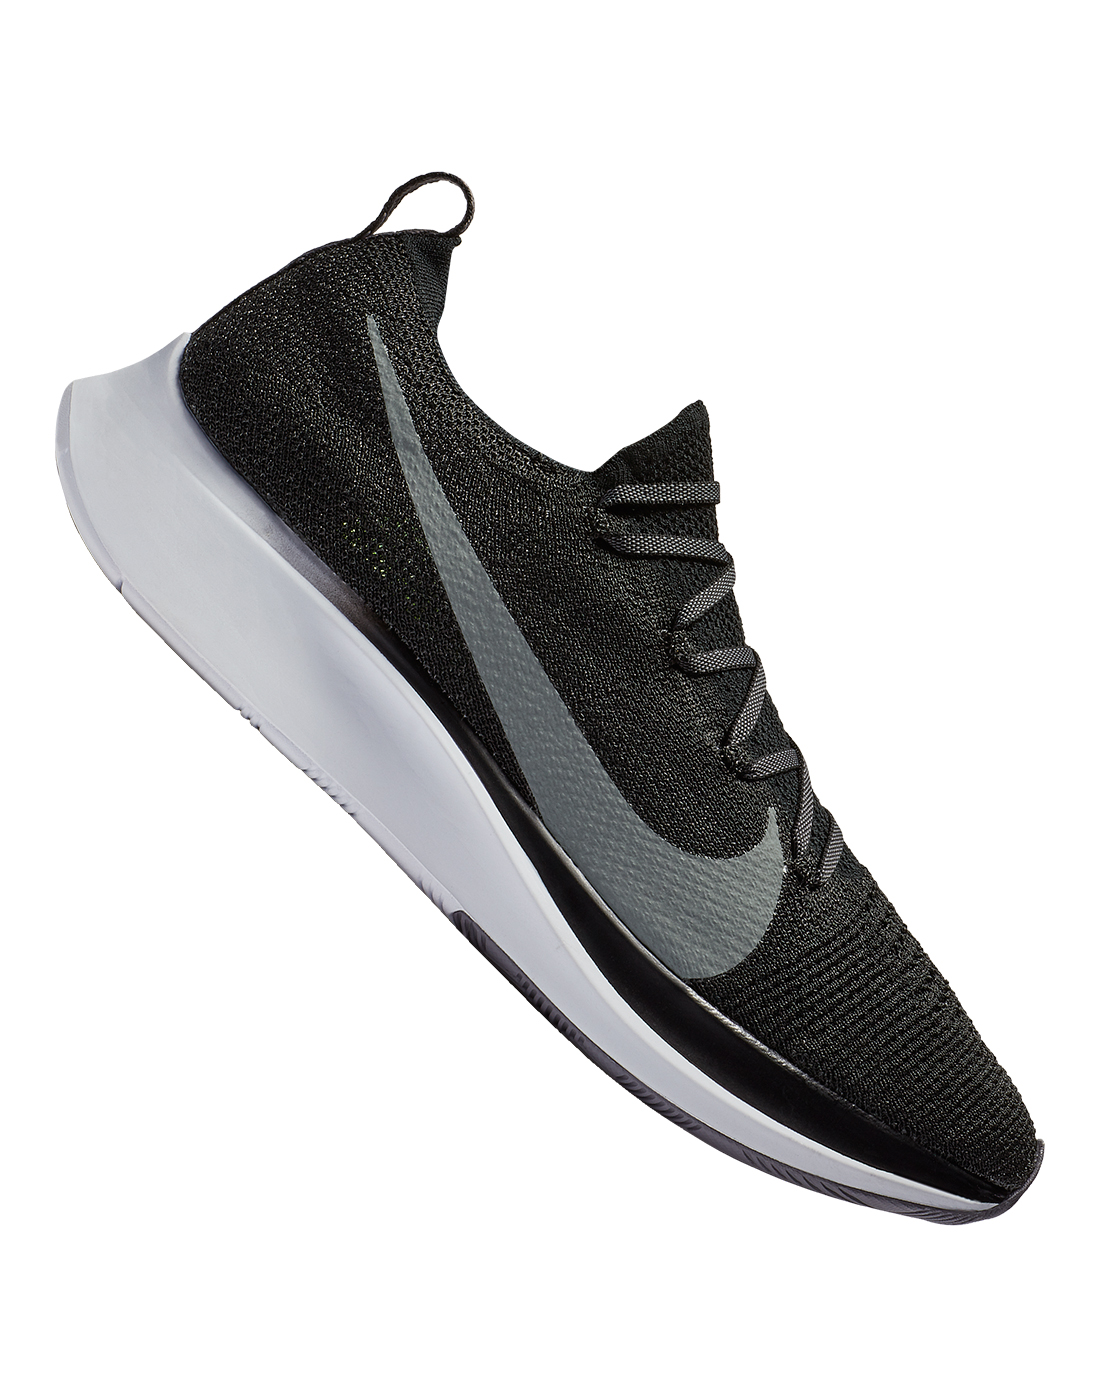 Men's Black Nike Zoom Fly Flyknit